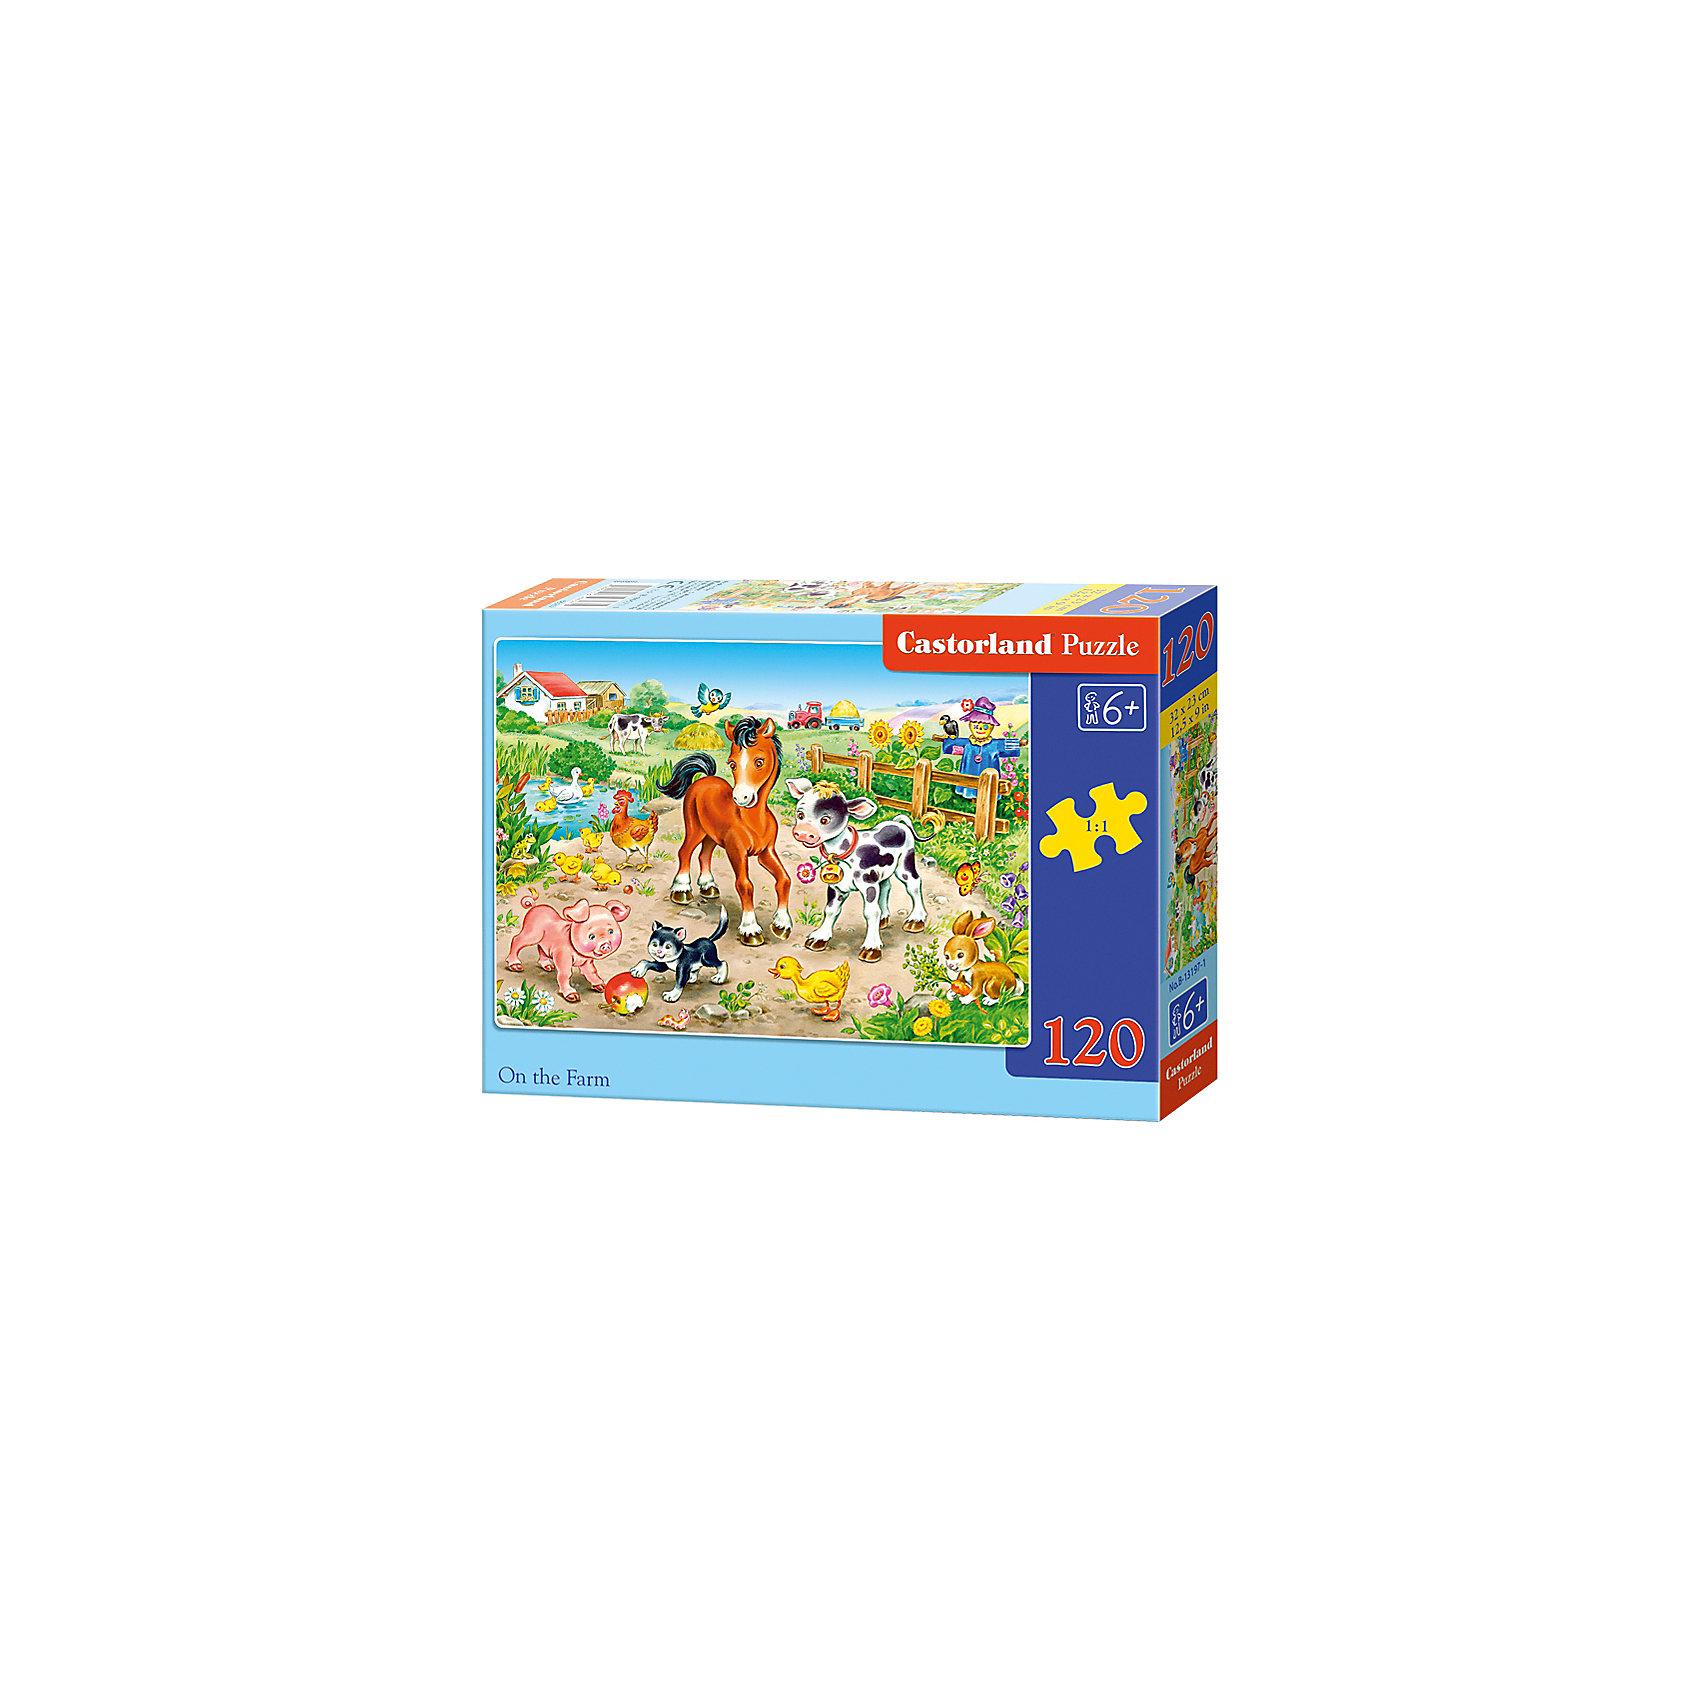 Пазл Castorland На ферме, 120 деталейКлассические пазлы<br>Характеристики:<br><br>• возраст: от 6 лет<br>• количество деталей: 120 шт.<br>• размер собранного пазла: 32х23 см.<br>• материал: картон<br>• упаковка: картонная коробка<br>• размер упаковки: 17,5x3,7x13 см.<br>• вес: 300 гр.<br>• страна обладатель бренда: Польша<br><br>Пазл «На ферме» от Castorland (Касторленд) отличается высоким качеством, высоким уровнем полиграфии, насыщенными цветами и идеальной стыковкой элементов. Из 120 элементов пазла ребенок соберет красочную картинку с изображением очаровательных домашних животных на ферме.<br><br>Пазл На ферме, 120 деталей, Castorland (Касторленд) можно купить в нашем интернет-магазине.<br><br>Ширина мм: 175<br>Глубина мм: 130<br>Высота мм: 37<br>Вес г: 300<br>Возраст от месяцев: 72<br>Возраст до месяцев: 2147483647<br>Пол: Унисекс<br>Возраст: Детский<br>SKU: 6725094